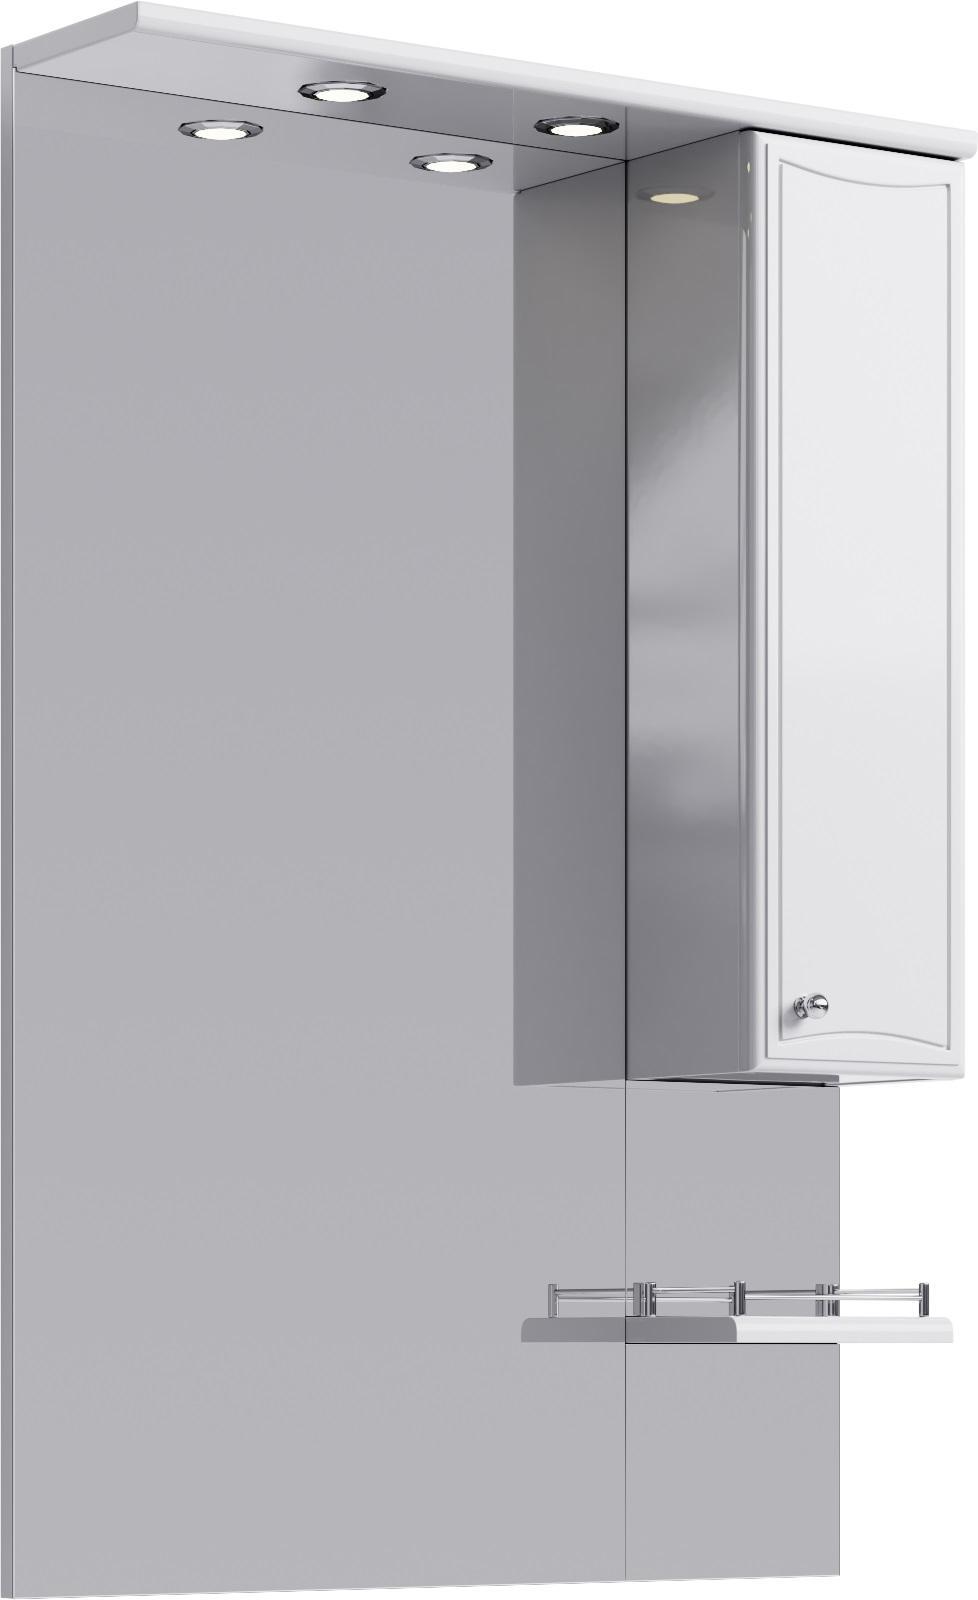 Купить Зеркало Aqwella Барселона 70 со шкафчиком и подсветкой, белый Ba.02.07, Россия